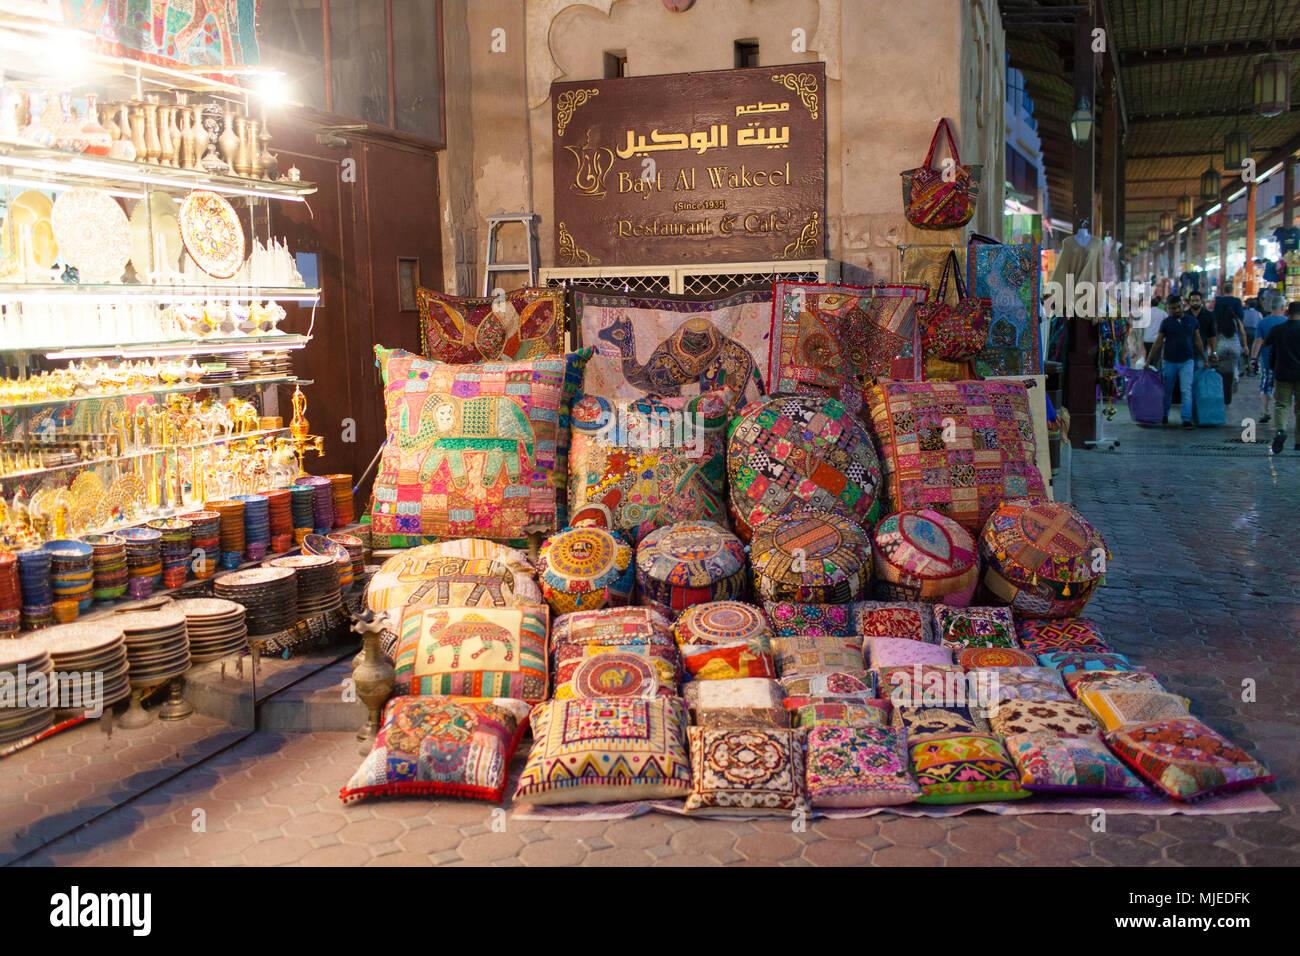 Dubai souk - Stock Image